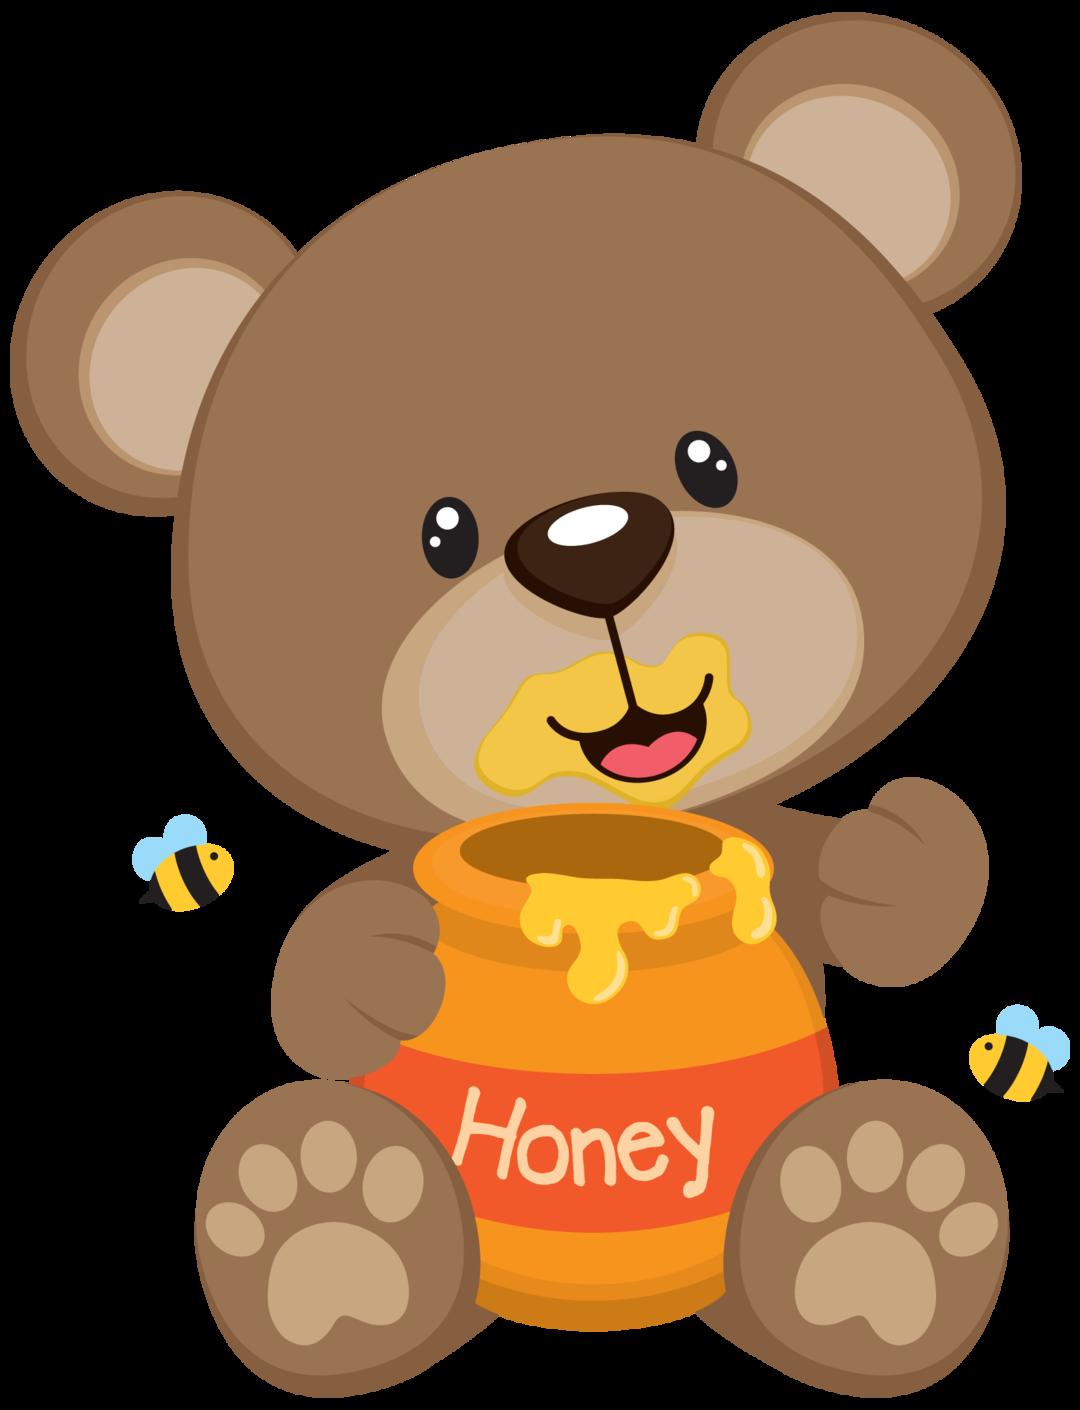 Ears clipart teddy bear. Tubes ursinhos animalitos pinterest